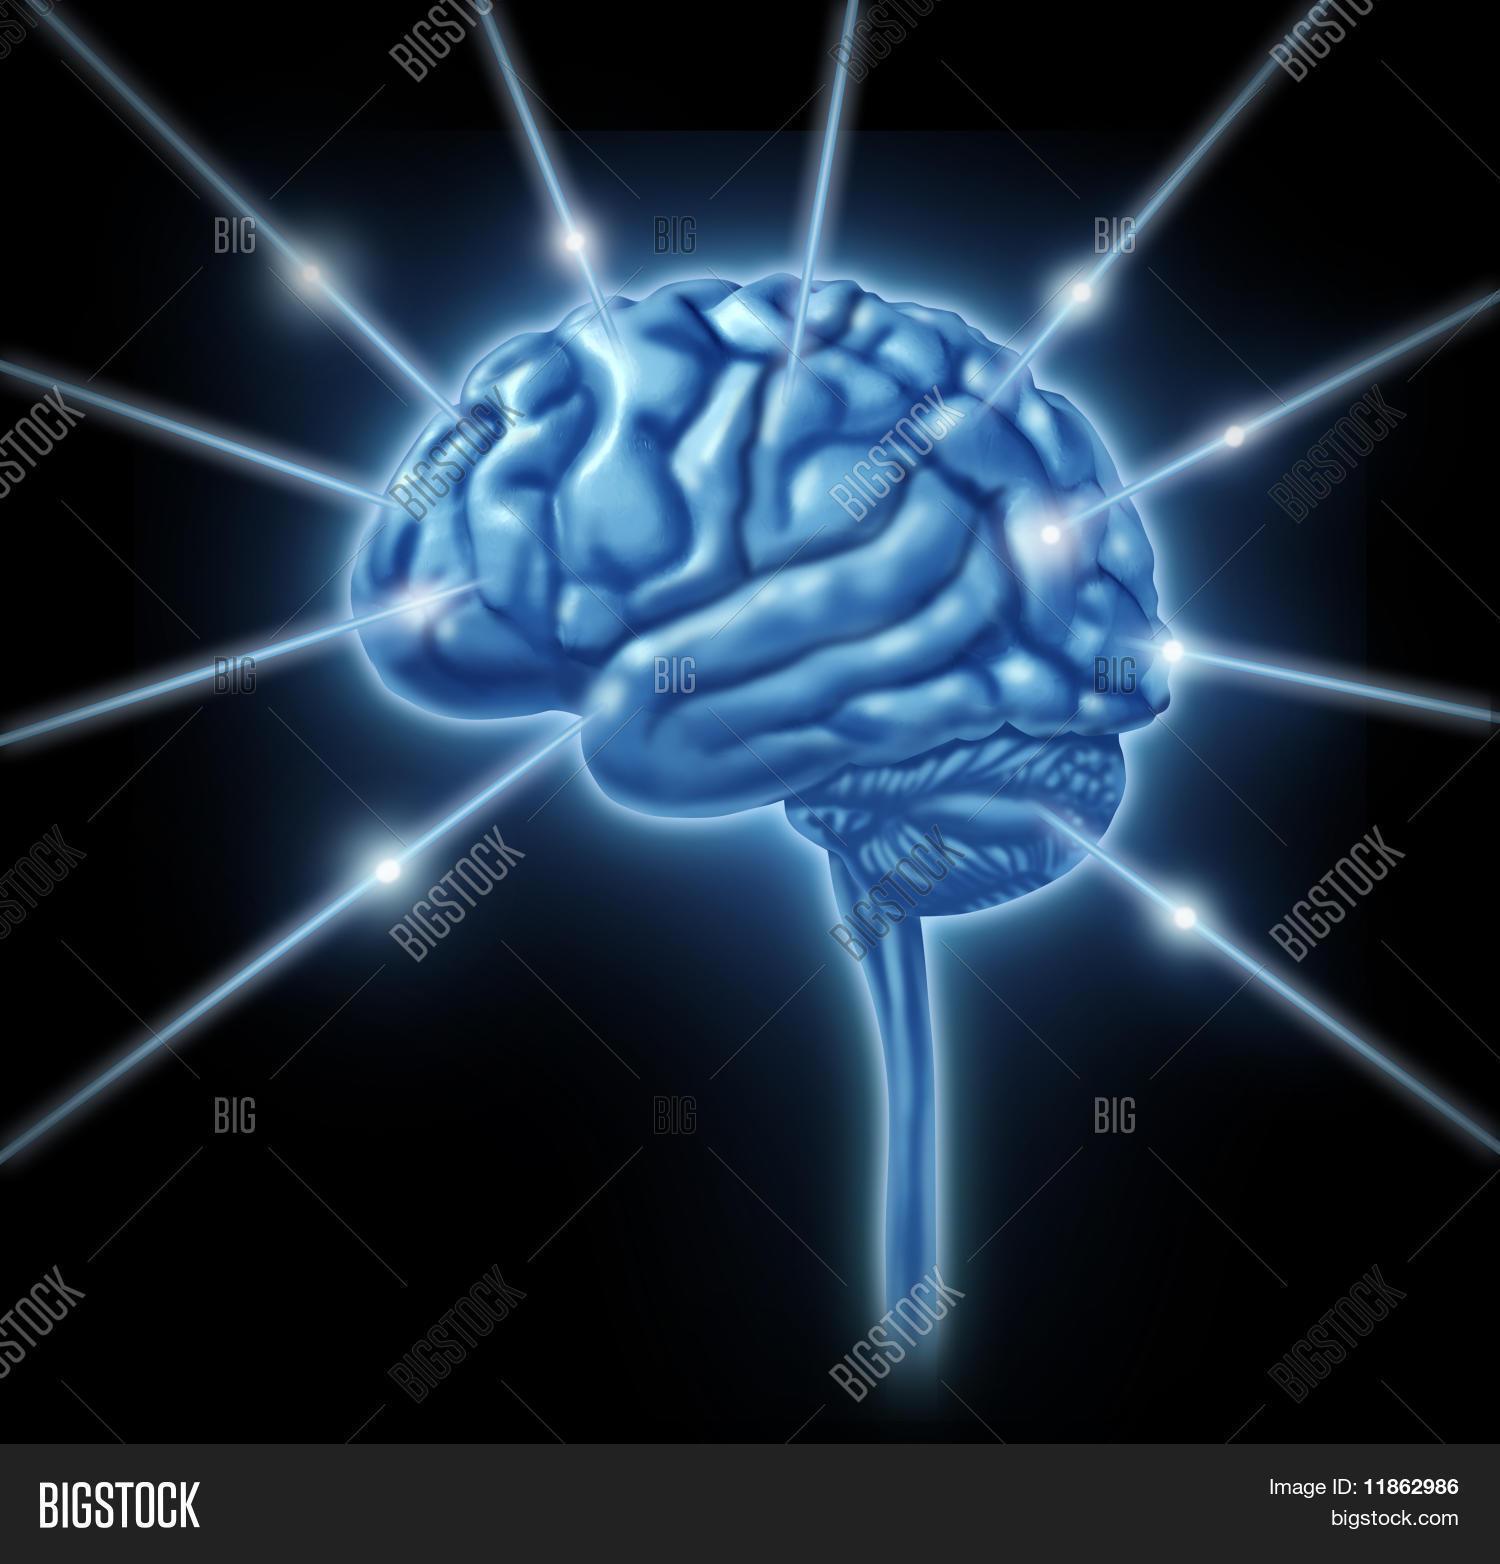 Hersenen Afbeelding En Foto Gratis Proefversie Bigstock